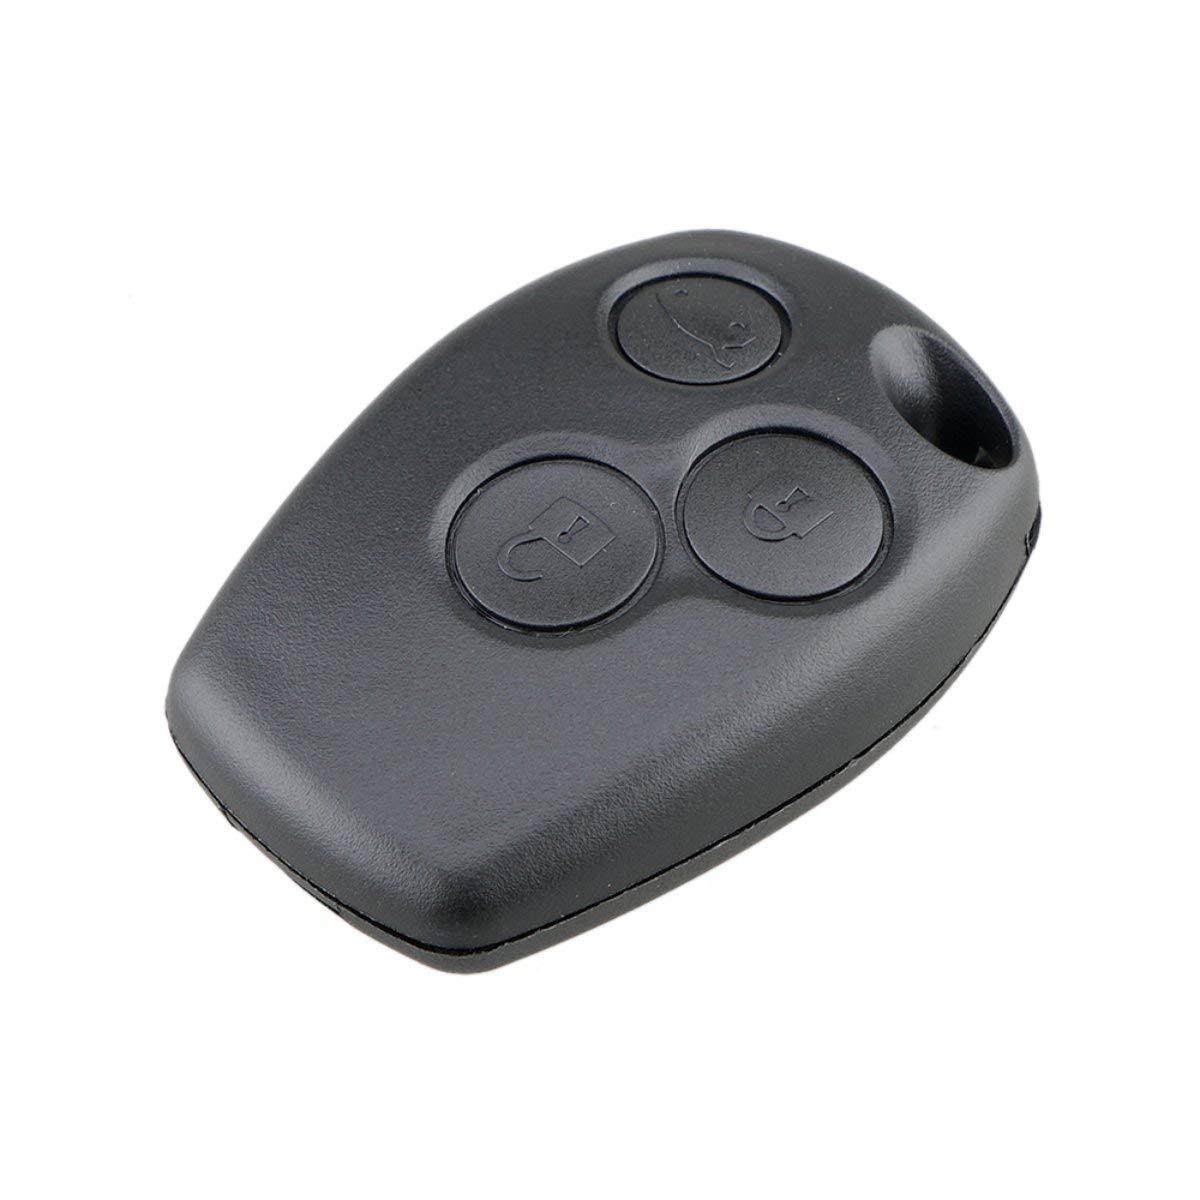 Gugutogo Estuche de 3 Botones con Llave remota sin Cuchilla para Renault Logan Sandero Clio Fluence Vivaro Master Traffic